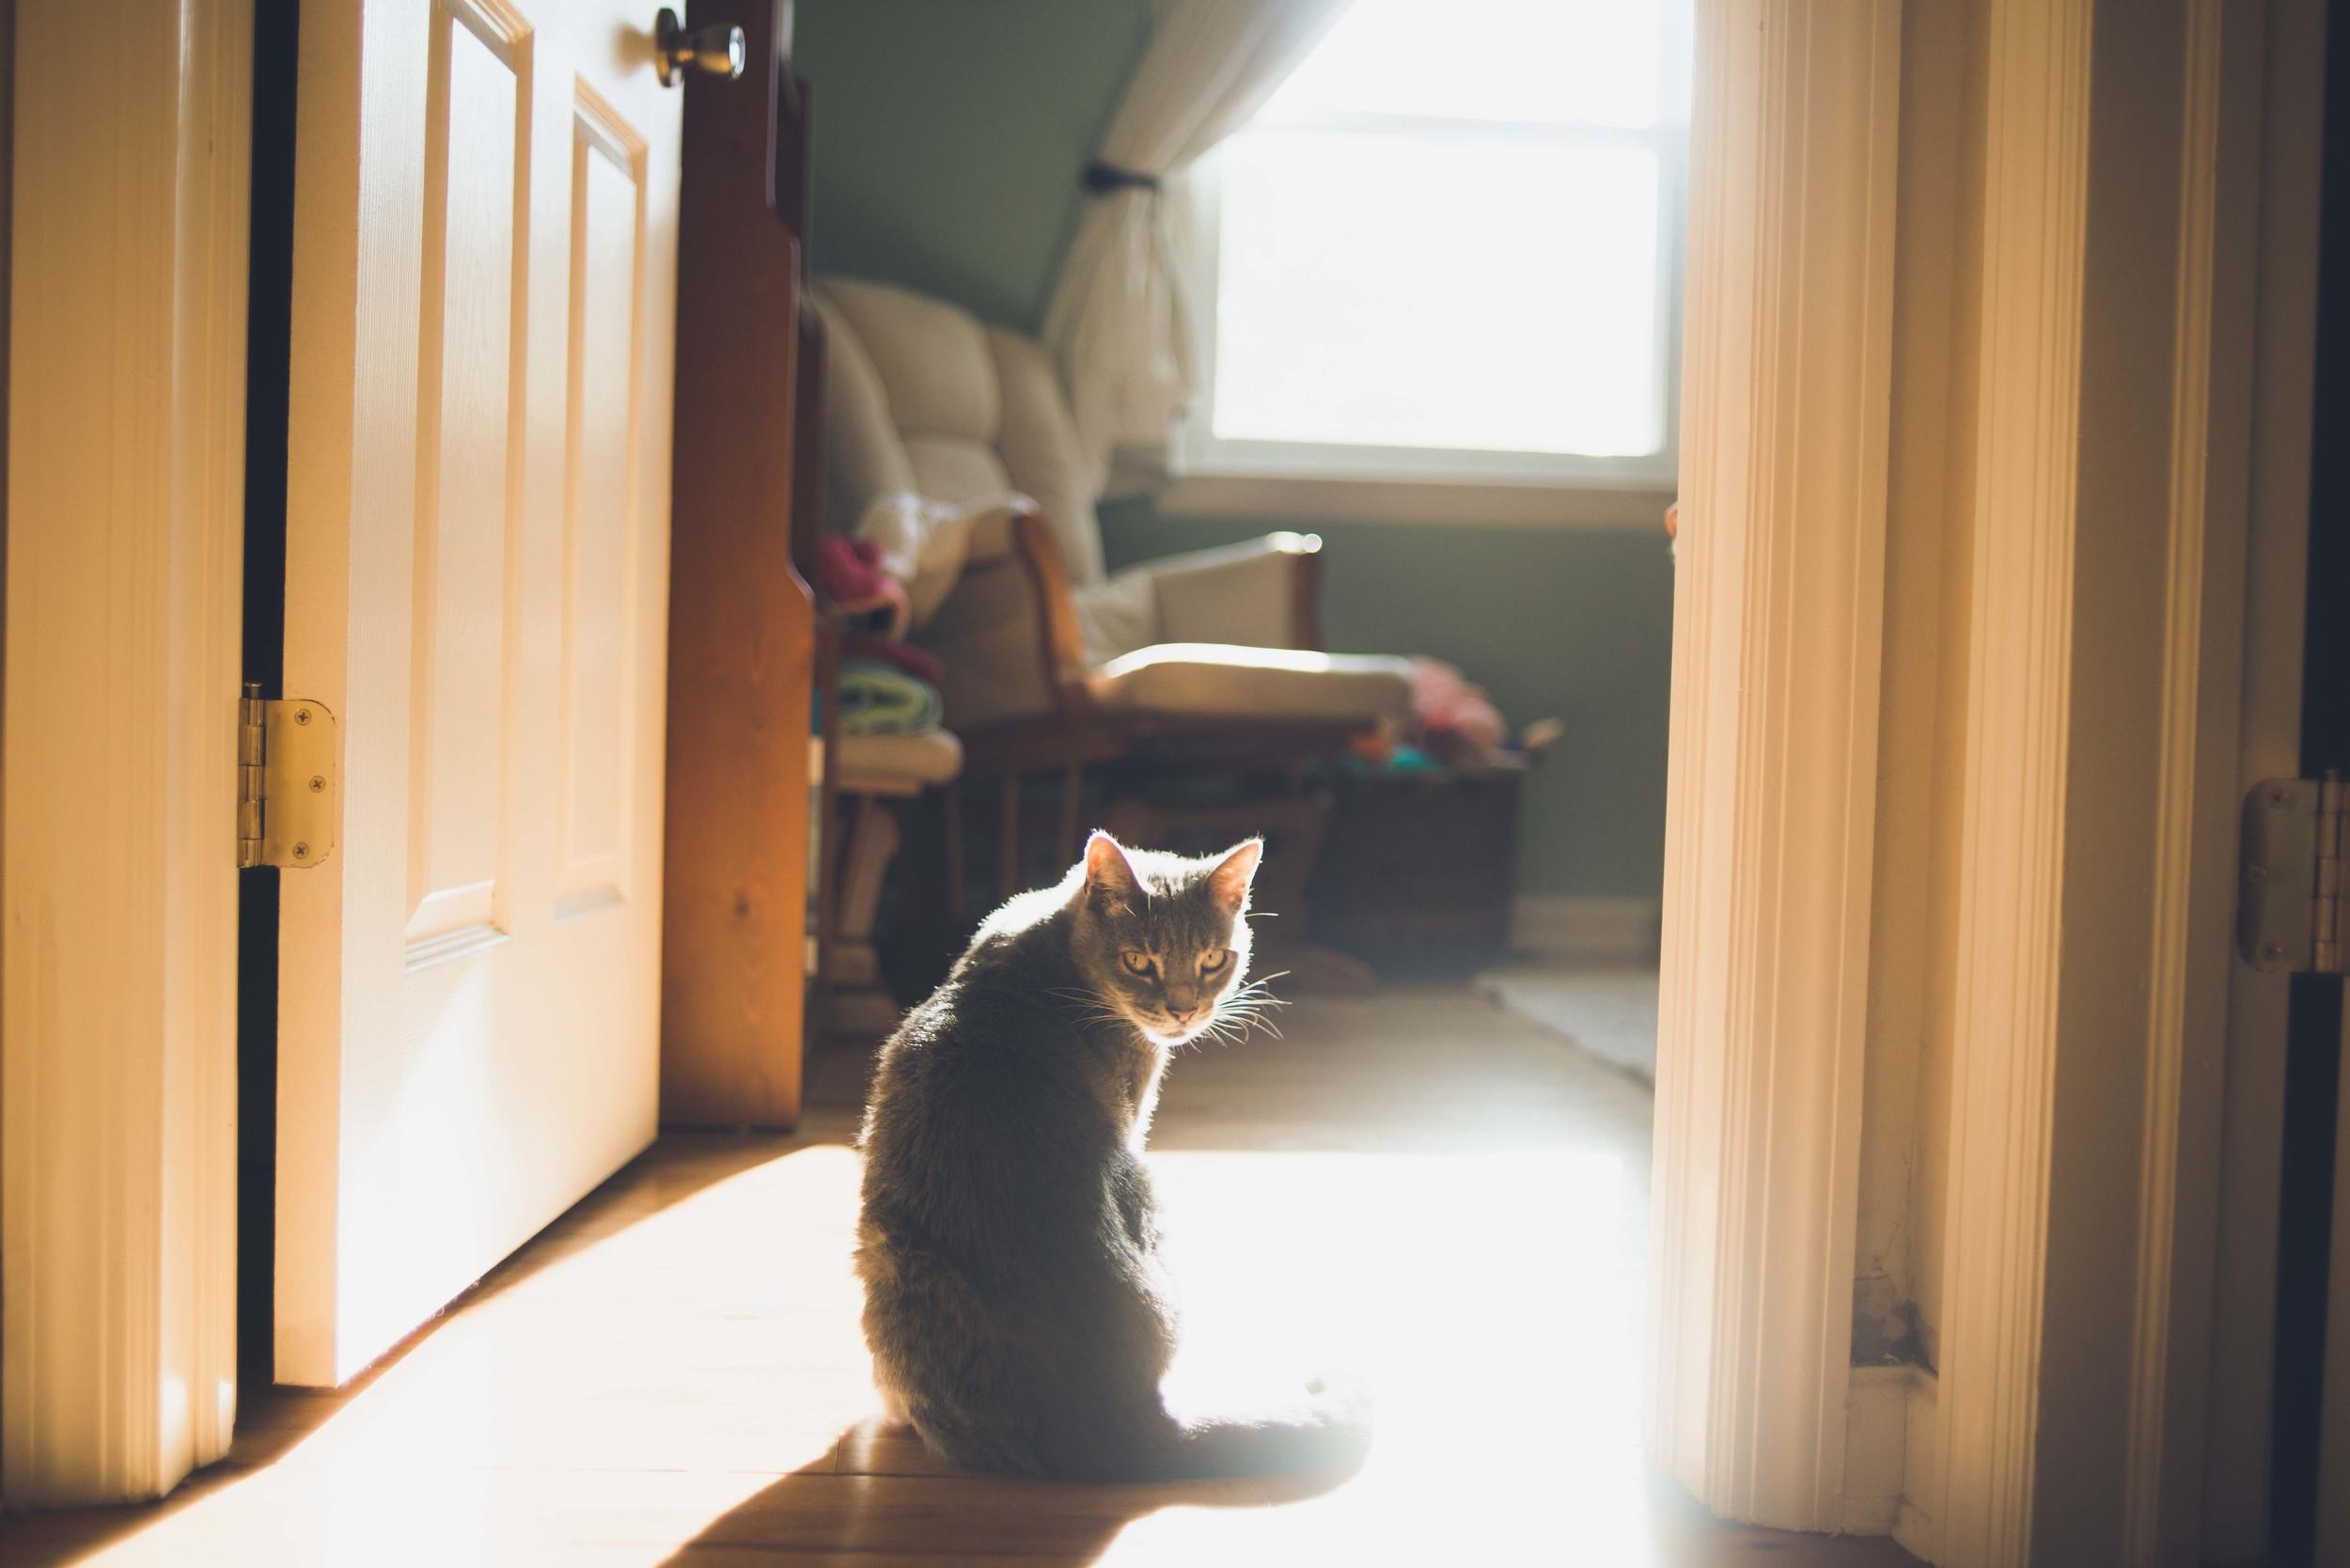 311_tallulah in the morning light.jpg